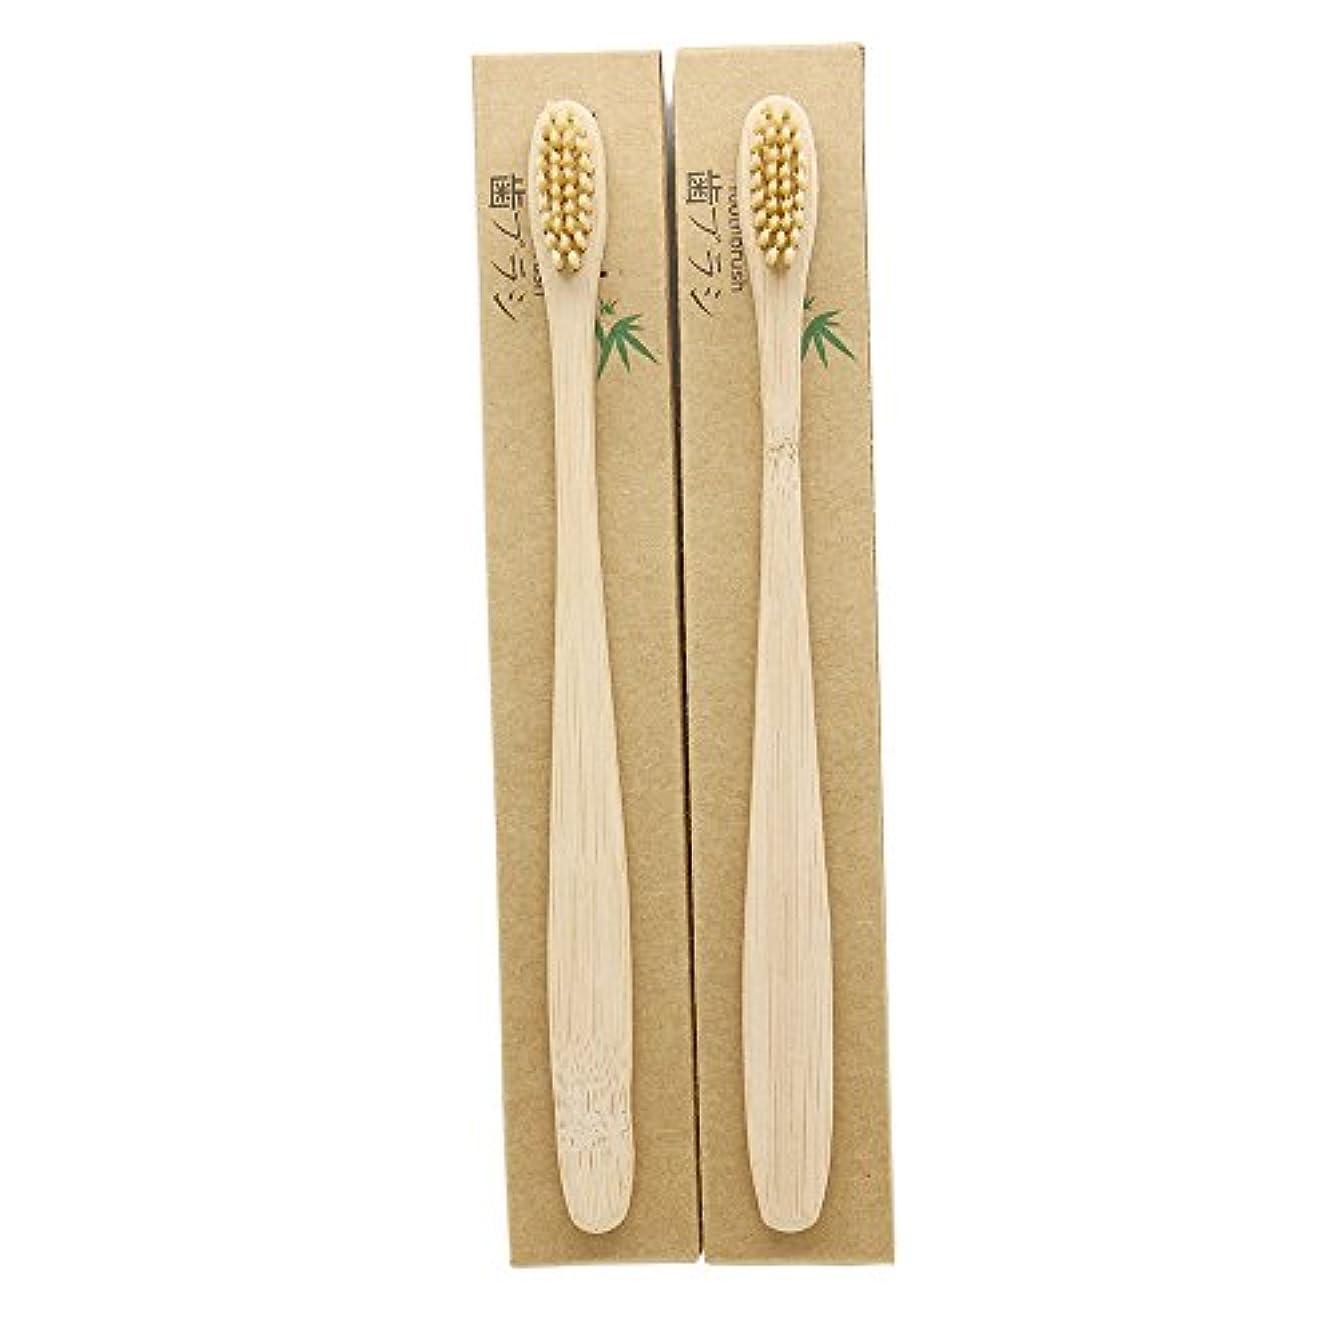 アリーナゲージレスリングN-amboo 竹製耐久度高い 歯ブラシ 2本入り セット エコ ヘッド小さい クリ—ム色